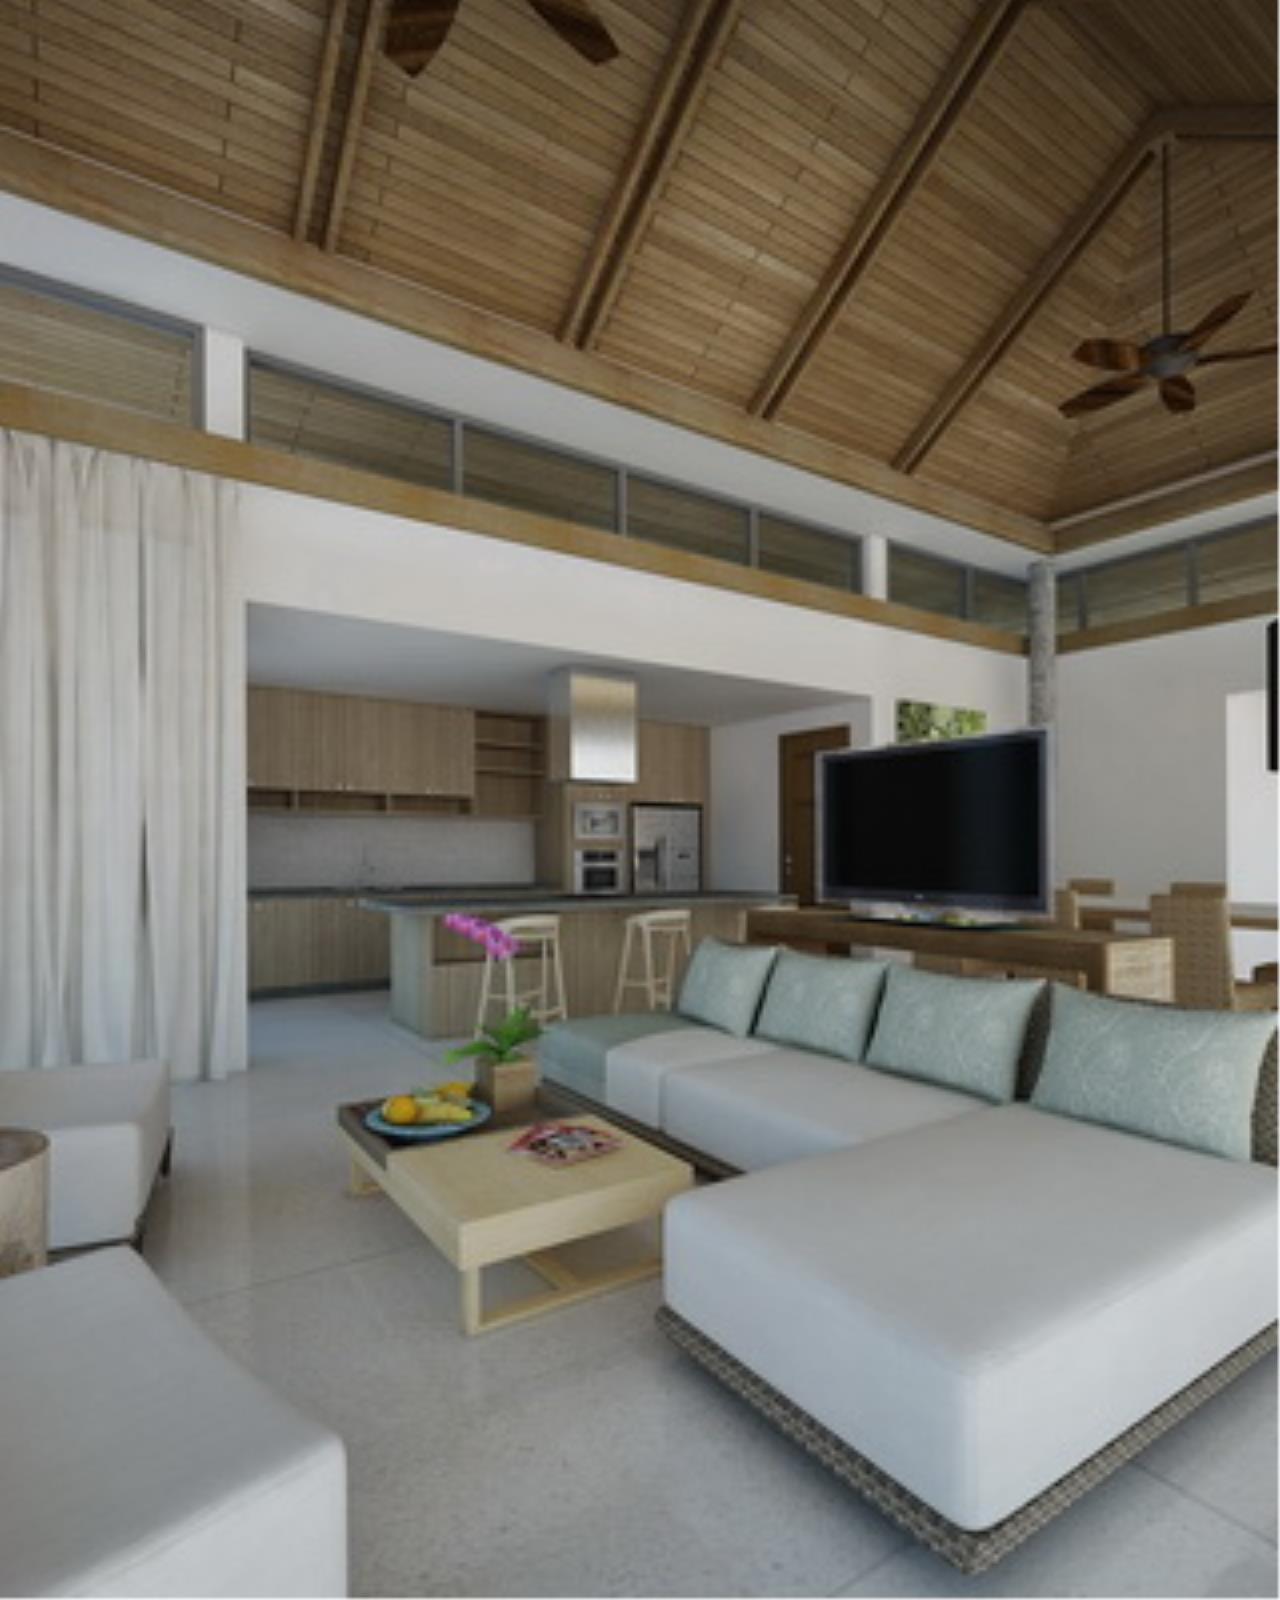 REAL Phuket  Agency's Botanica Villas (Phase III) - Contemporary 3-Bedroom Pool Villa at Layan Beach 8